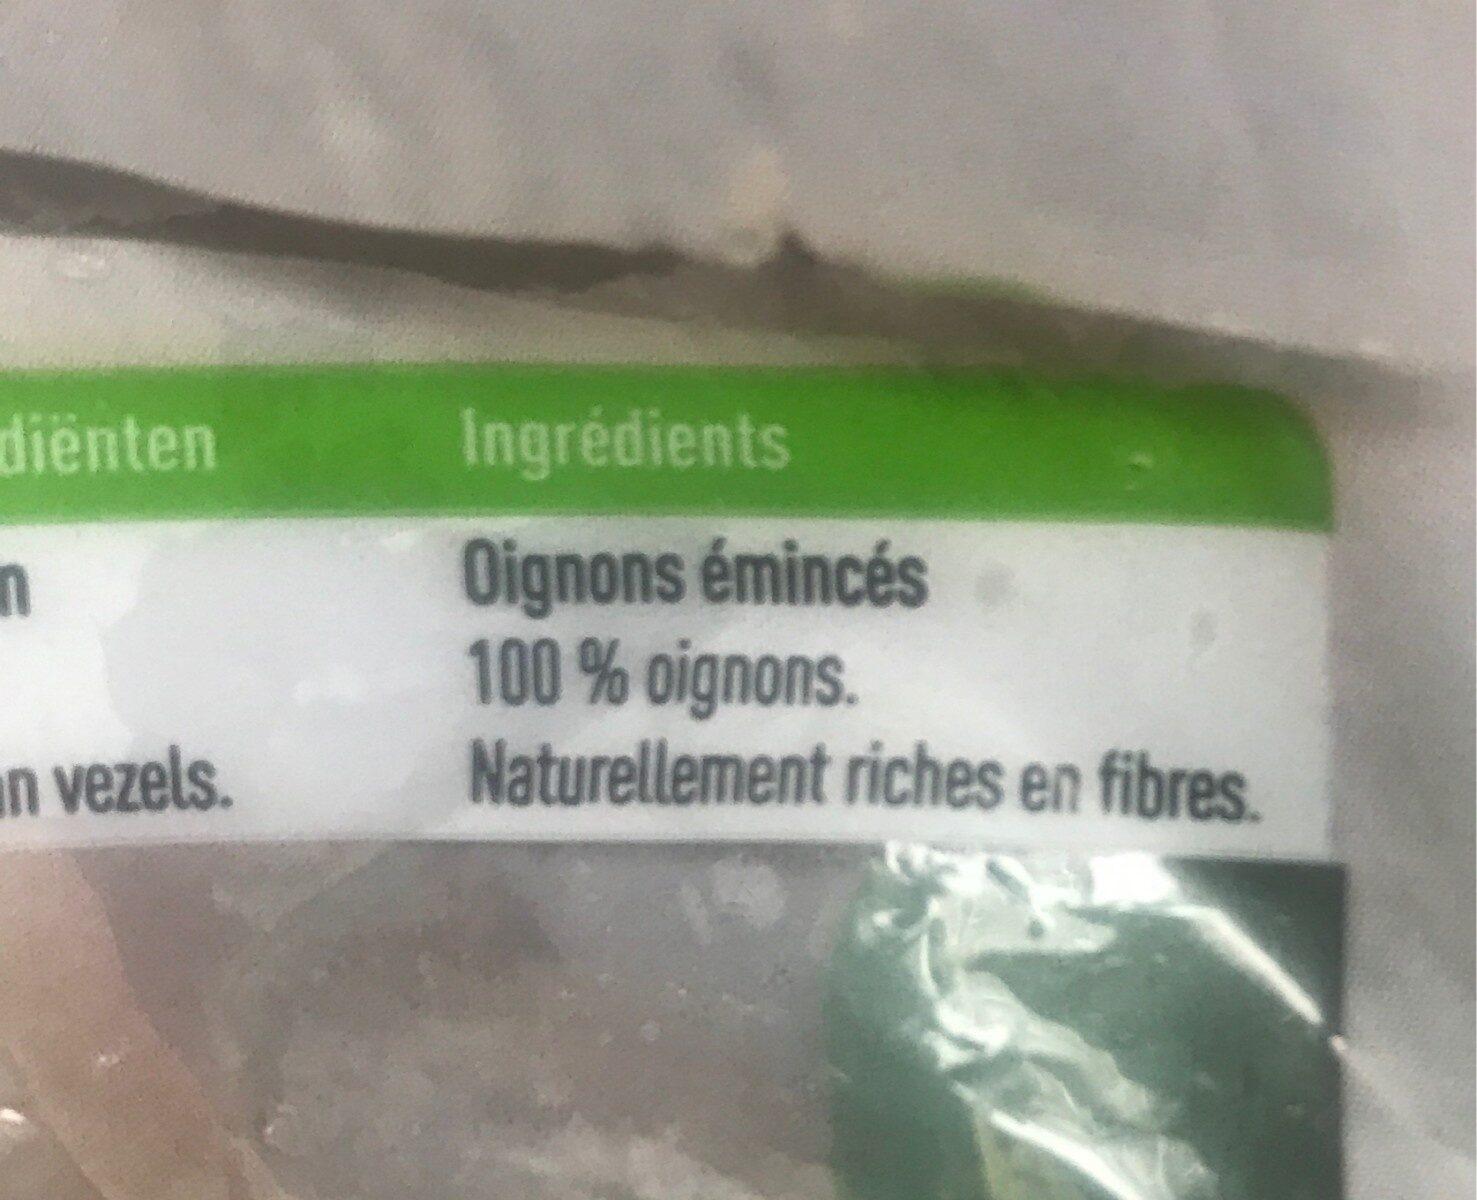 Oignons émincés - Ingrediënten - fr